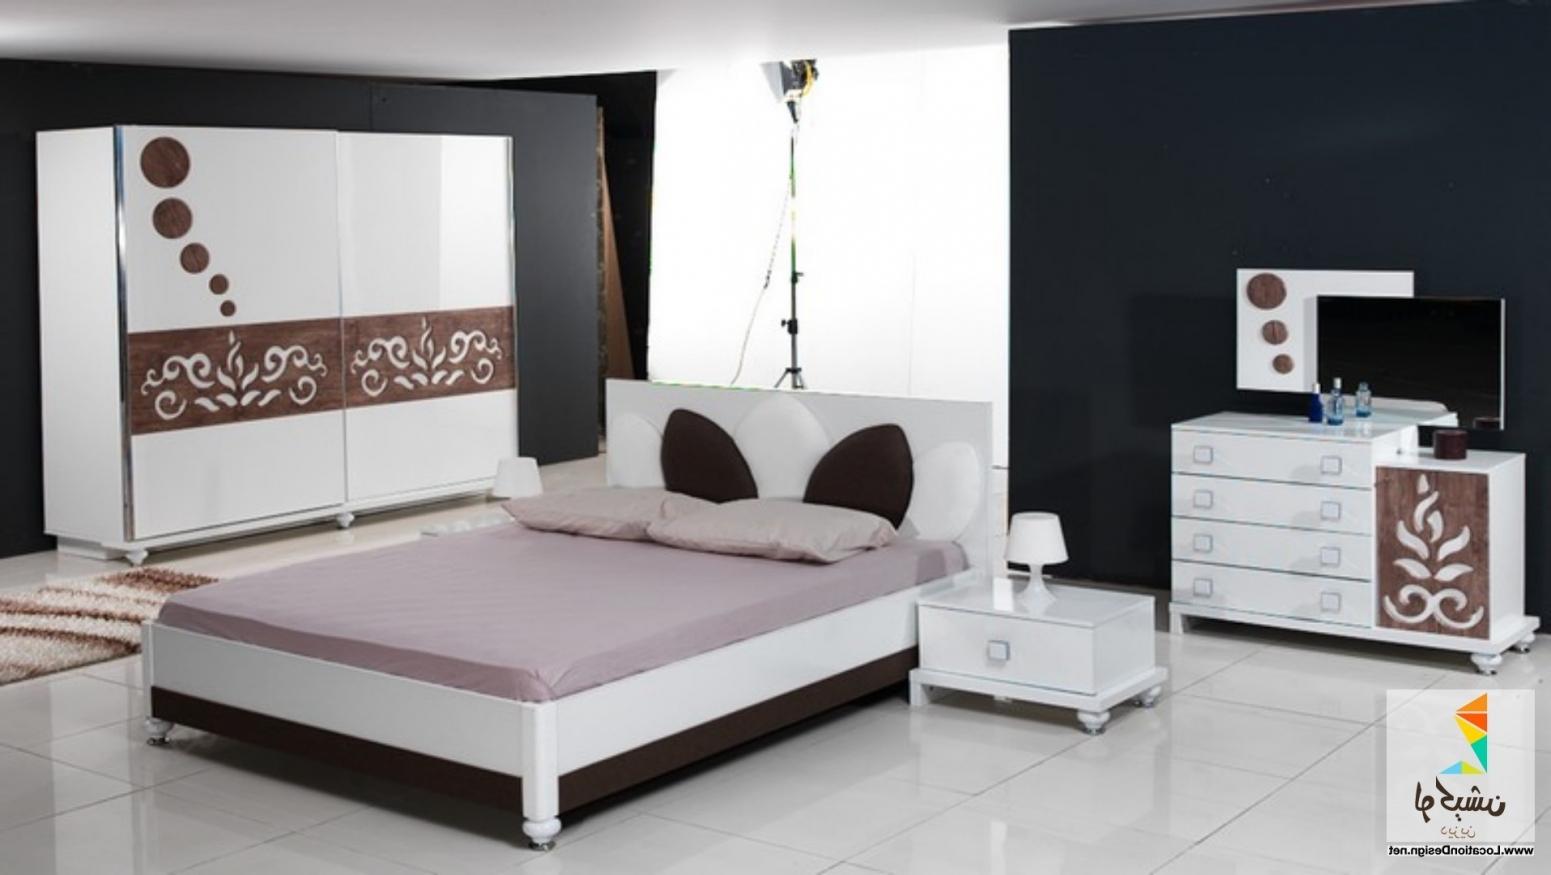 بالصور غرف نوم بيضاء , اجمل اوض للنوم بيضة 5133 10